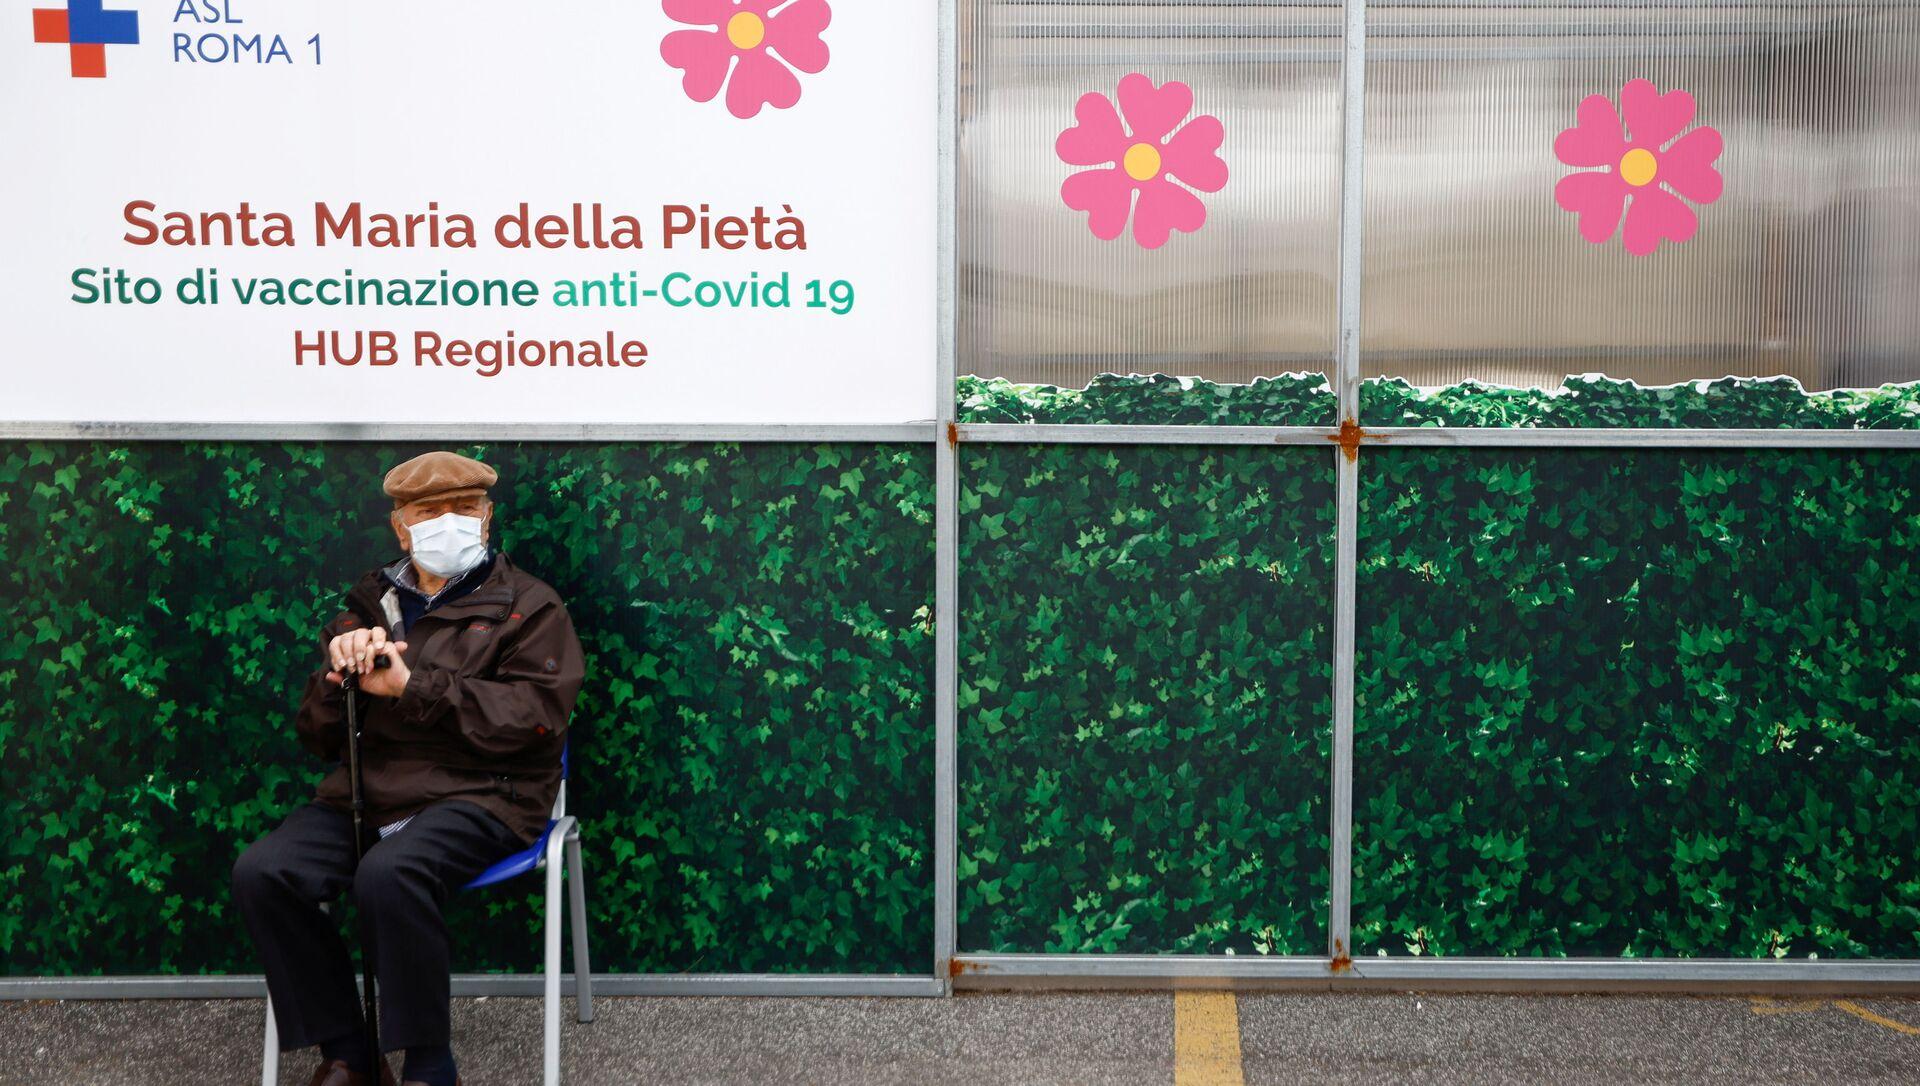 Vaccinazione in Italia, un anziano attende il suo turno - Sputnik Italia, 1920, 24.04.2021